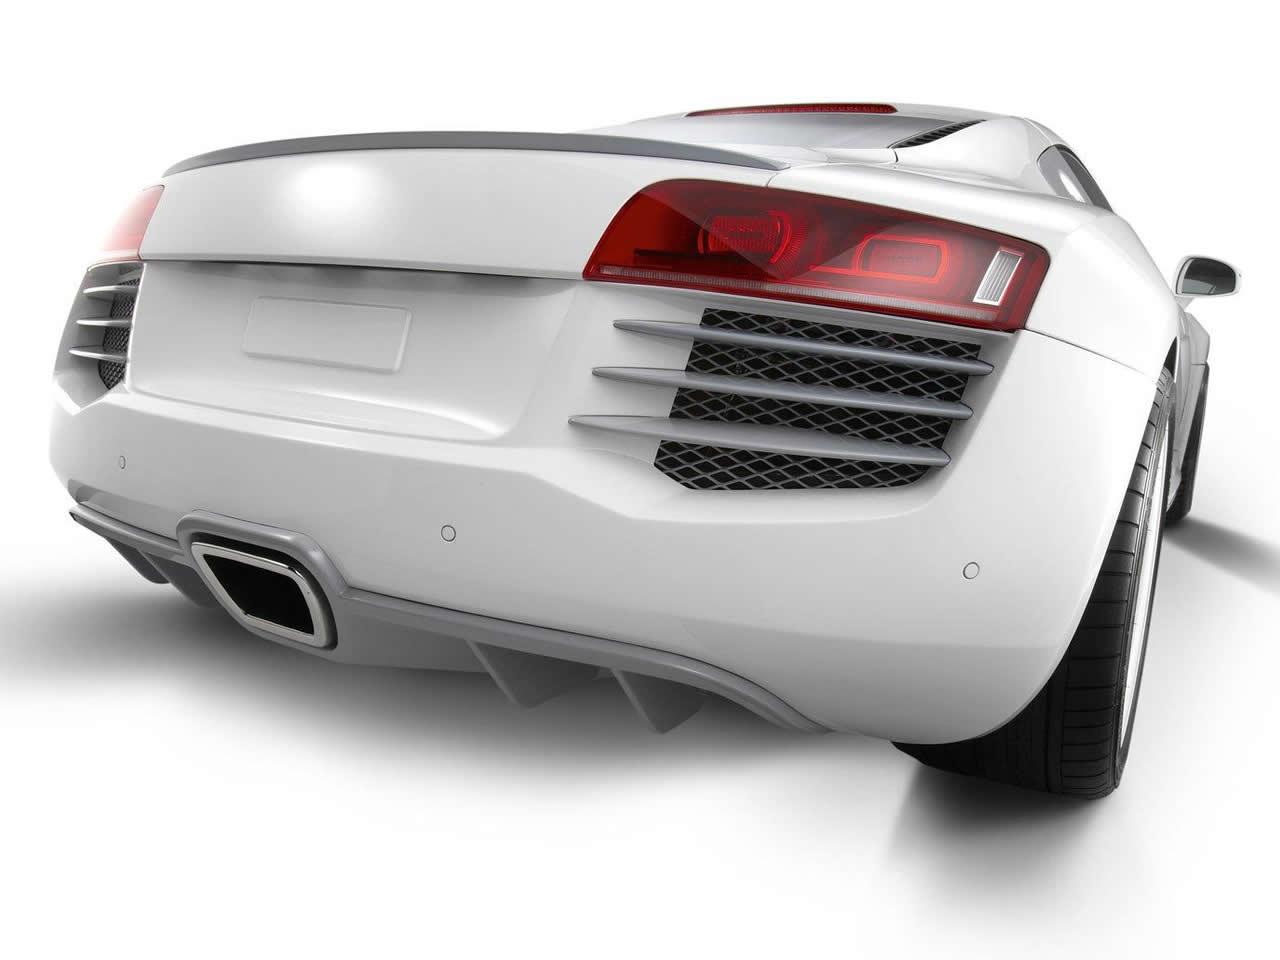 http://1.bp.blogspot.com/_vY3COZl9LT8/TRdZ_XJGZ3I/AAAAAAAAFxk/q5Dai3poPe0/s1600/2011-Eisenmann-Audi-R8-Spark-Eight-Rear-Angle-View.jpg